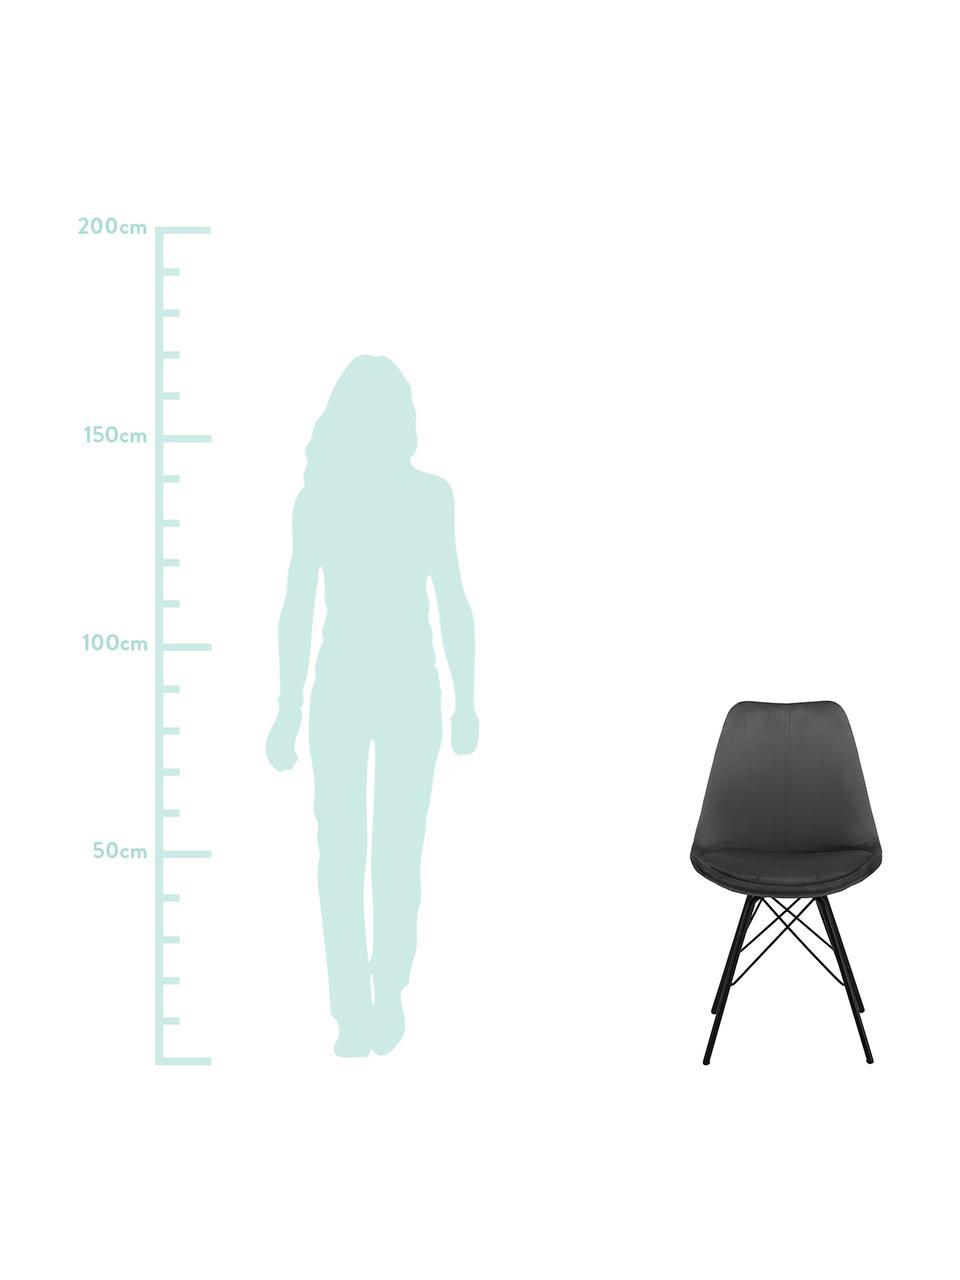 Krzesło tapicerowane z aksamitu Eris, 2 szt., Tapicerka: aksamit poliestrowy Dzięk, Nogi: metal malowany proszkowo, Aksamitny ciemny szary, nogi: czarny, S 49 x G 54 cm